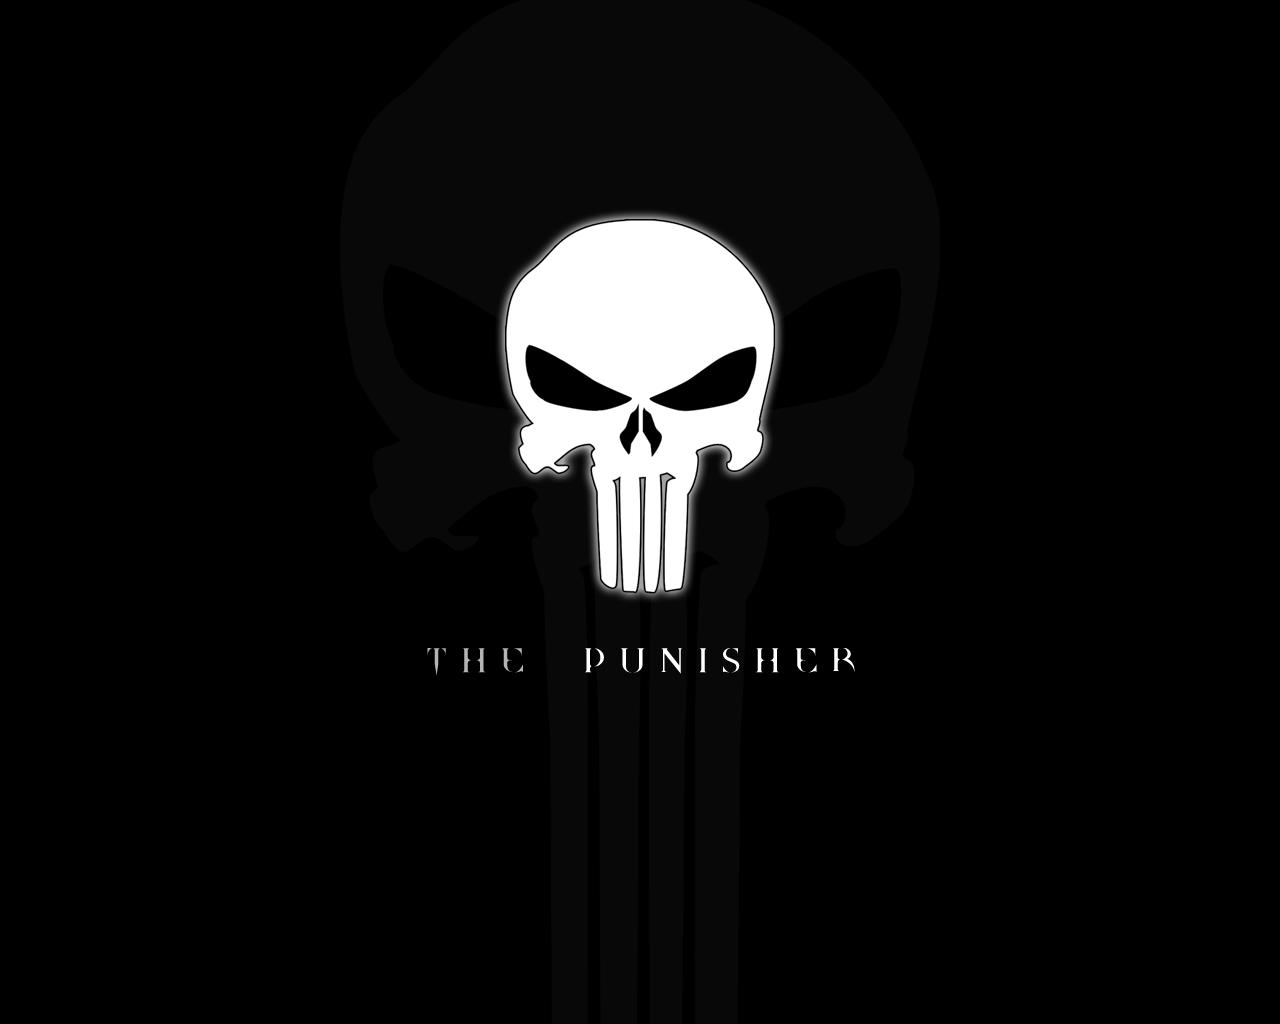 Desktop Wallpaper: Punisher Skull Logo HD Wallpaper